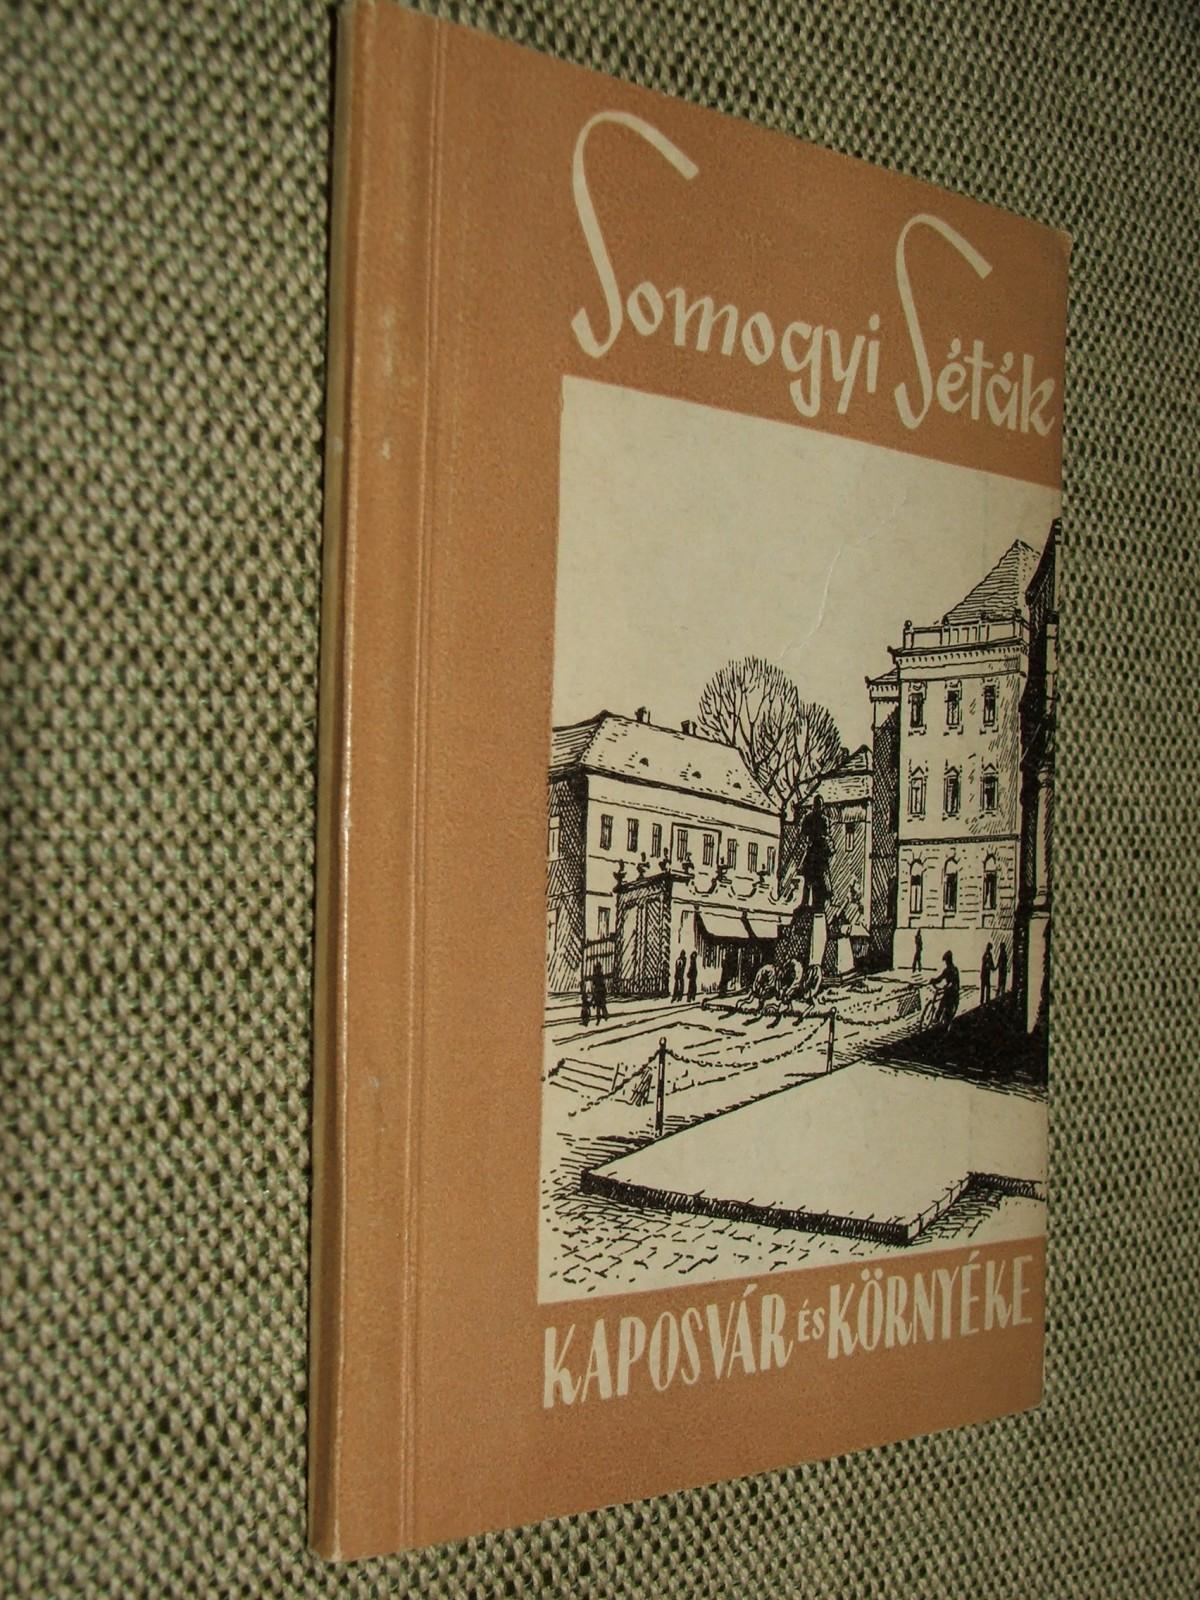 BORSI DARÁZS József és MOLNÁR Sándor: Kaposvár és környéke